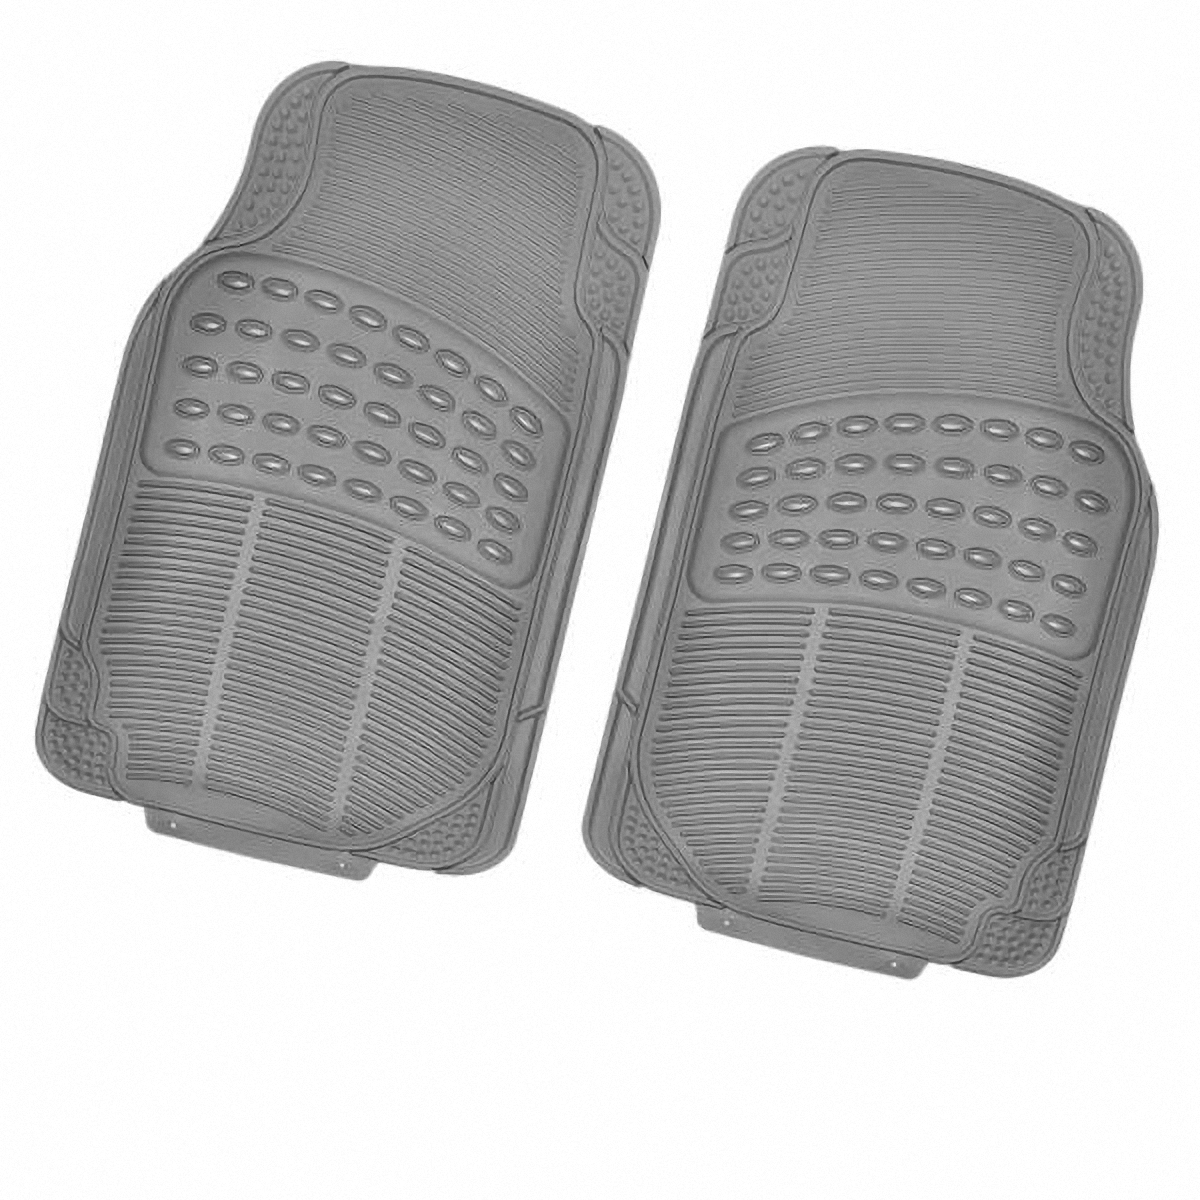 Коврик в салон автомобиля Skyway, передний, цвет: серый, 71 х 44,5 см, 2 штS01701011Комплект универсальных передних ковриков салона сохраняет эластичность даже при экстремально низких и высоких температурах (от -50°С до +50°С). Обладает повышенной устойчивостью к износу и агрессивным средам, таким как антигололёдные реагенты, масло и топливо. Усовершенствованная конструкция изделия обеспечивает плотное прилегание и надёжную фиксацию коврика на полу автомобиля.Размер: 71 х 44,5 см.Комплектация: 2 шт.